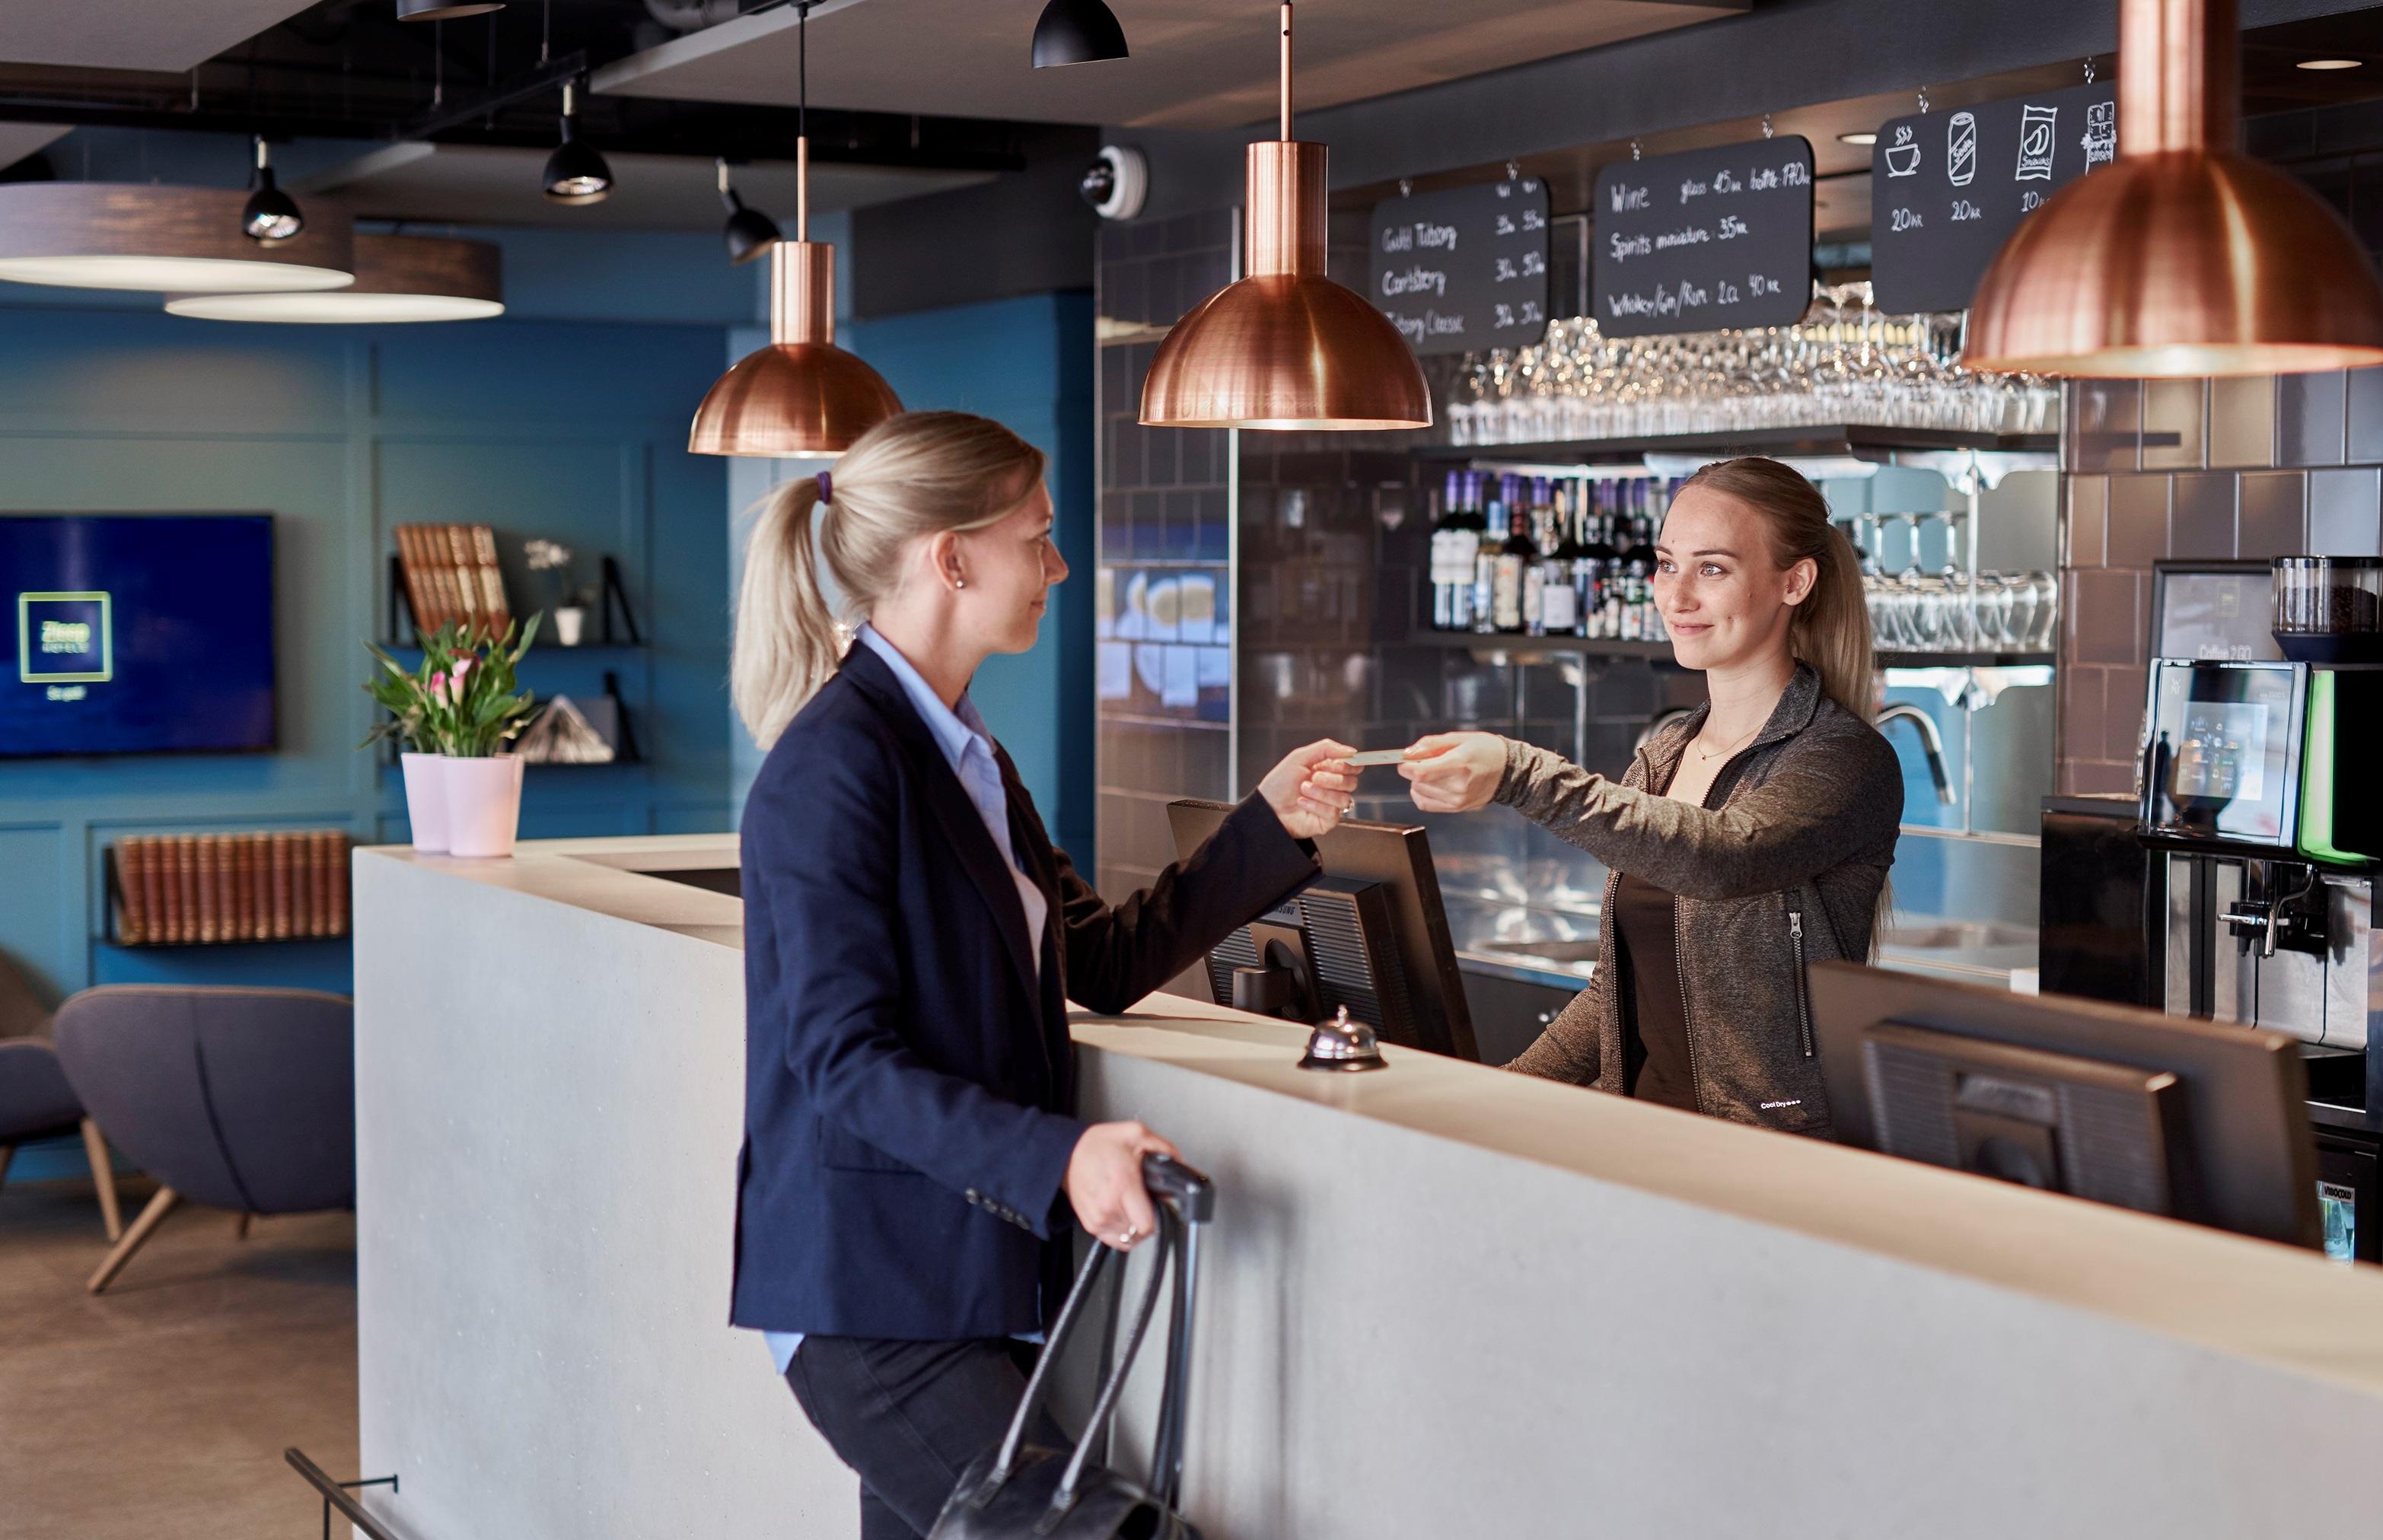 Dansk Erhverv vil gerne i dialog med Horesta om koordinering inden forårets forhandlinger om en ny overenskomst på hotel- og restaurationsområdet. Arkivfoto fra Zleep Hotels.